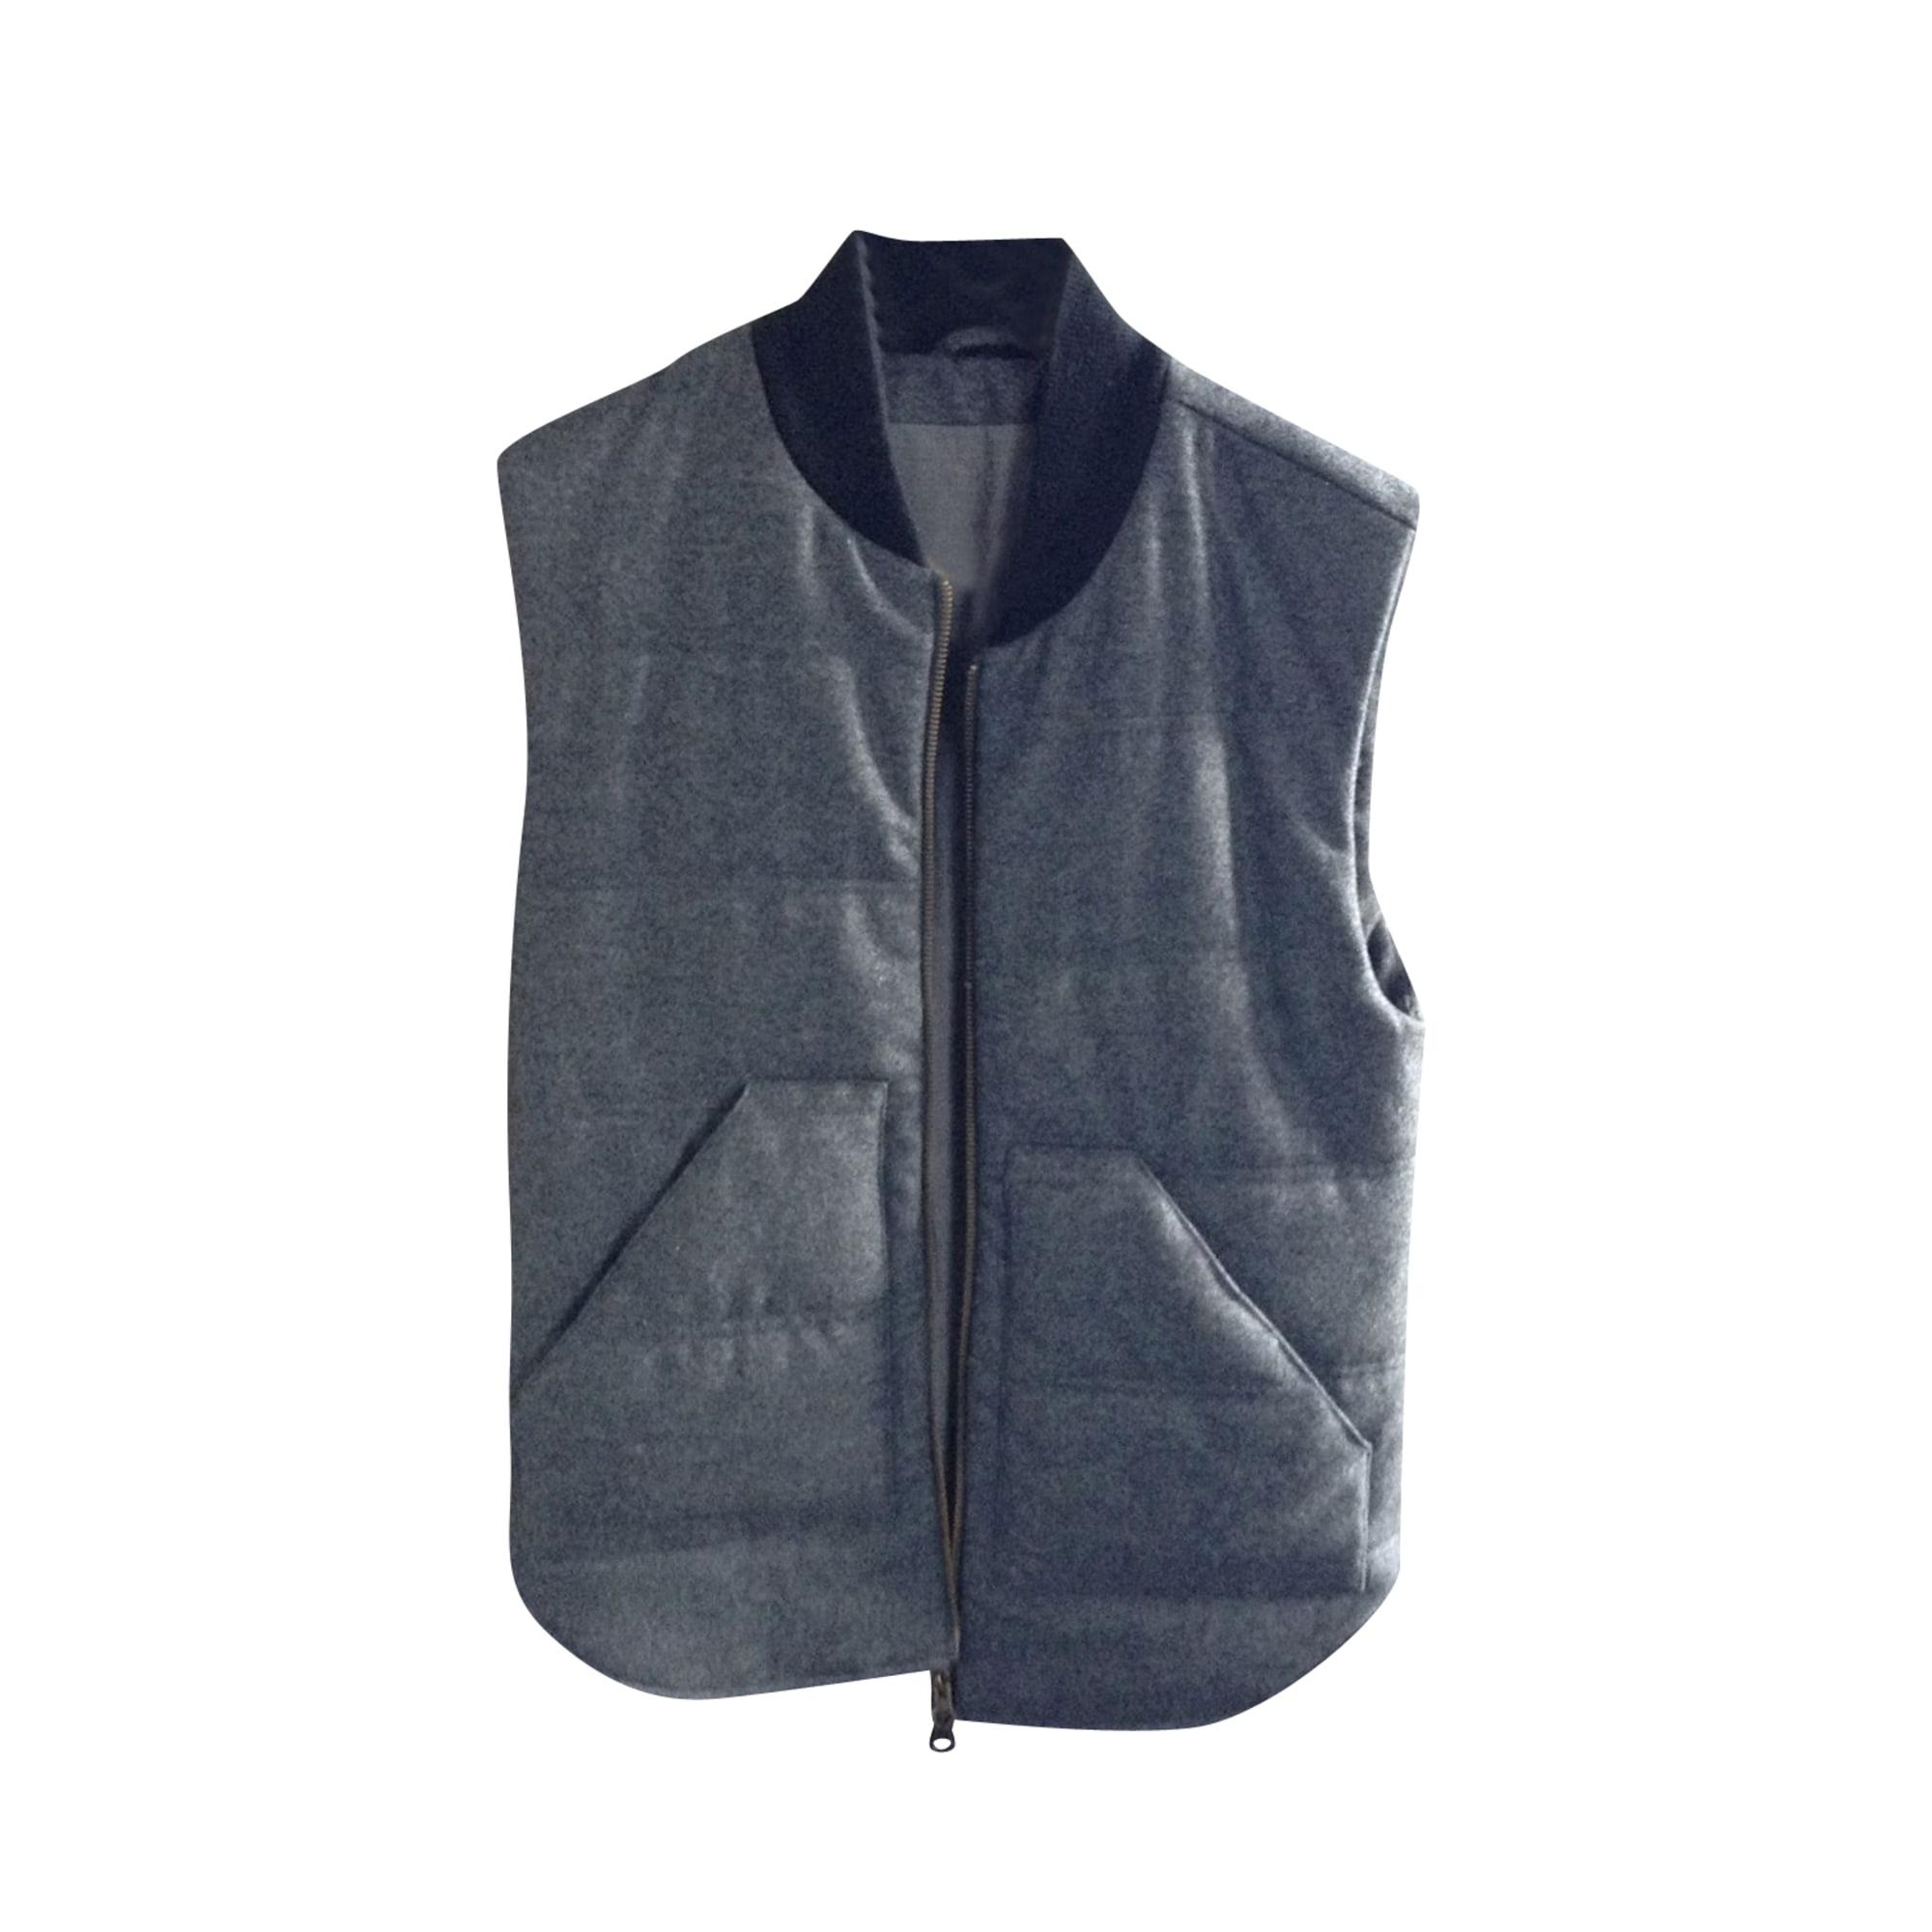 Vest, Cardigan DRAPEAU NOIR Gray, charcoal